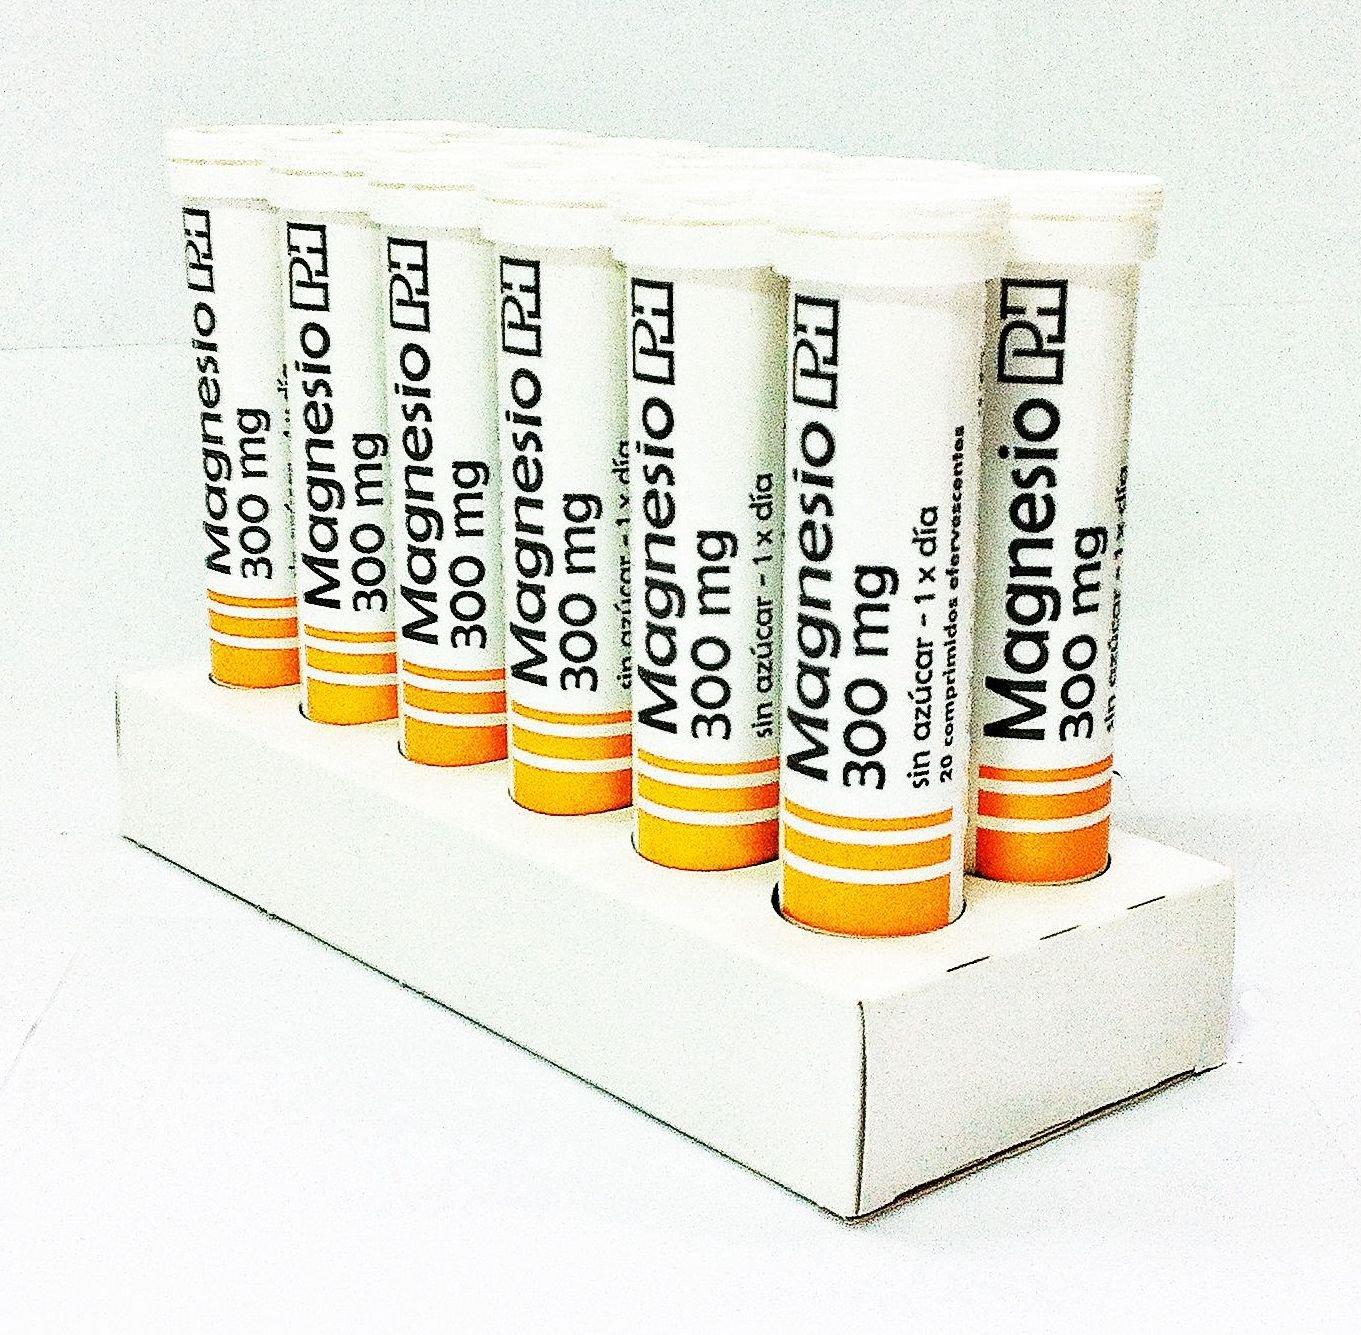 Pack MAGNESIO PH 300mg. 12 Tubos de 20 comprimidos efervescentes. OFERTA 10+2 Gratis: Amazon.es: Salud y cuidado personal